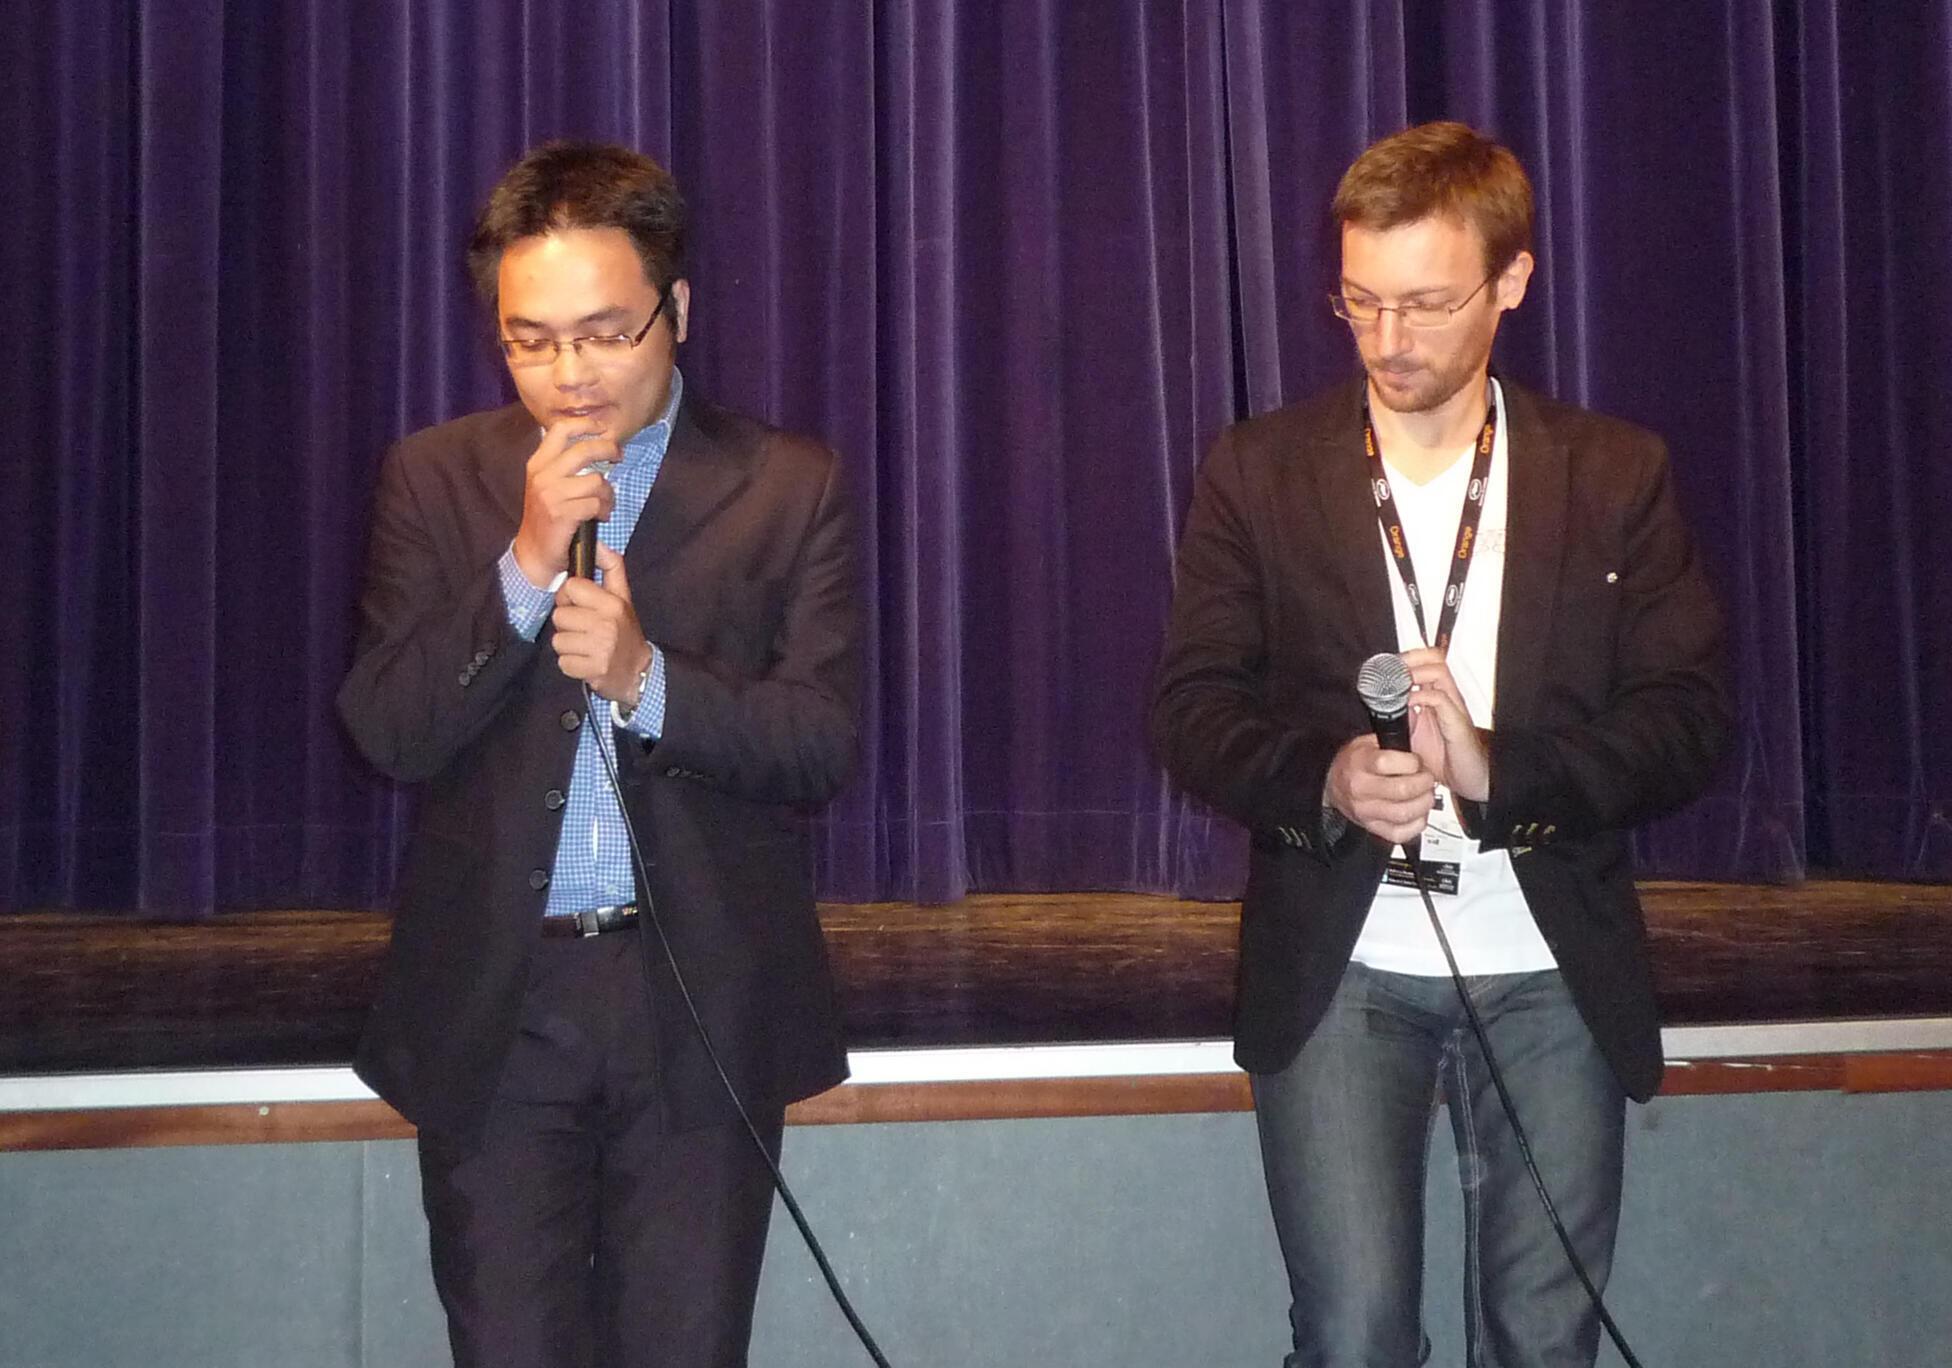 Đạo diễn Phan Đăng Di ( trái ) tại Liên hoan Cannes 2010.